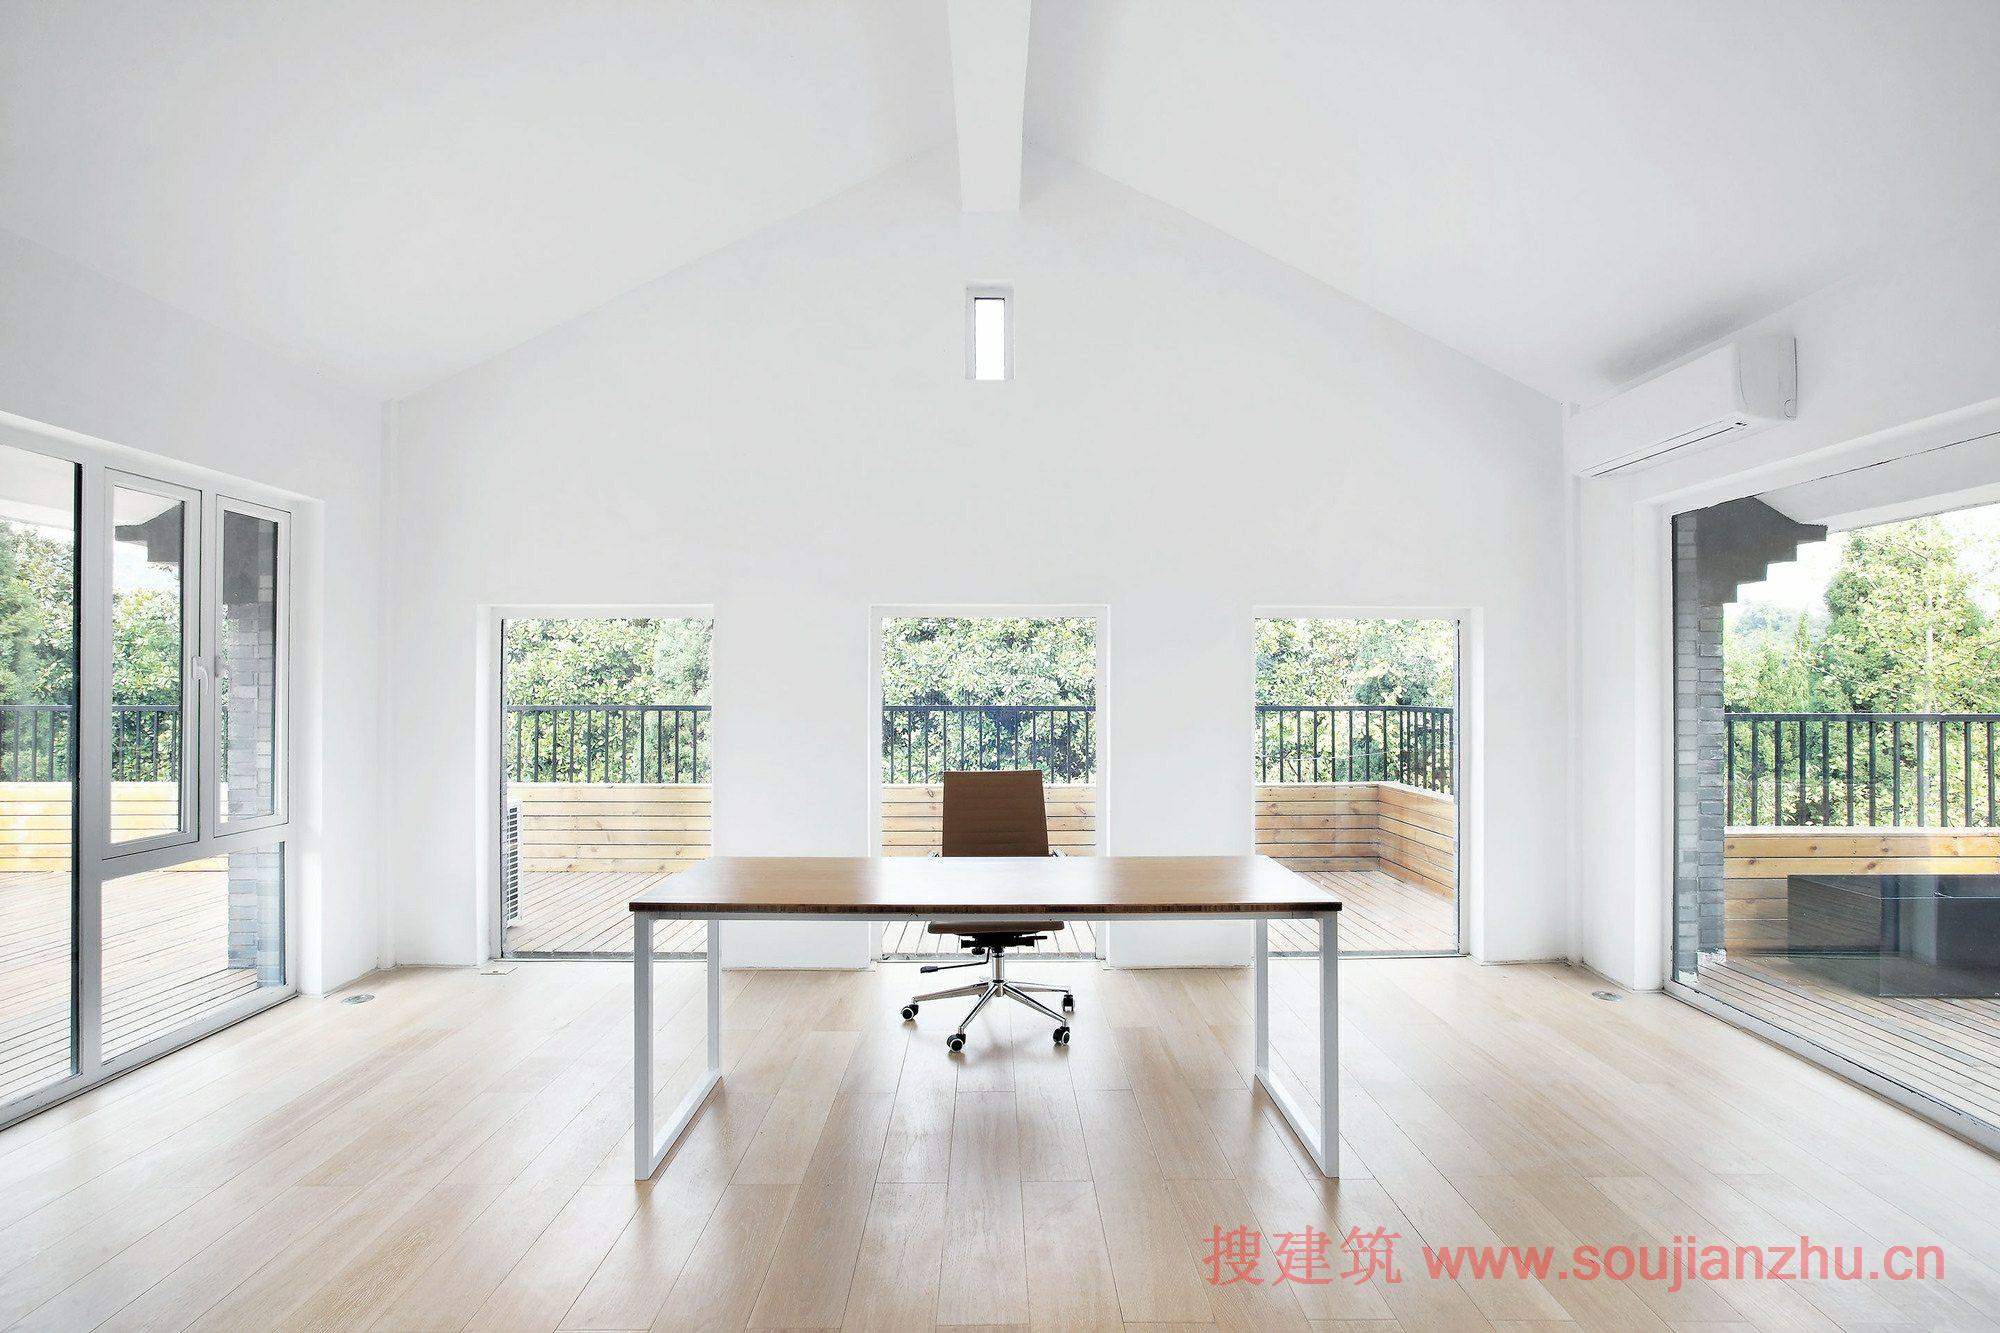 建筑师:Daipu Architects 地点:浙江 杭州 面积:640平方米 年份:2013 这个办公室装修位于浙江省杭州八卦田西侧。该场地具有良好的景观;然而,它是黑暗和阴沉的老建筑。现有的结构,有一个3.3米的地下一层的高度,并在梁的净高只有260万,这是相当令人沮丧的开放式办公室。二楼的高度是好的,但是它没有与地面足够的连接。旧的结构布局不表现出一个双层的优势。 所以首先考虑的是要建立一个两层楼之间的连接,不仅在物质空间方面,而且在这里工作的人的心理感知。那些将工作或楼上楼下都能感觉到同